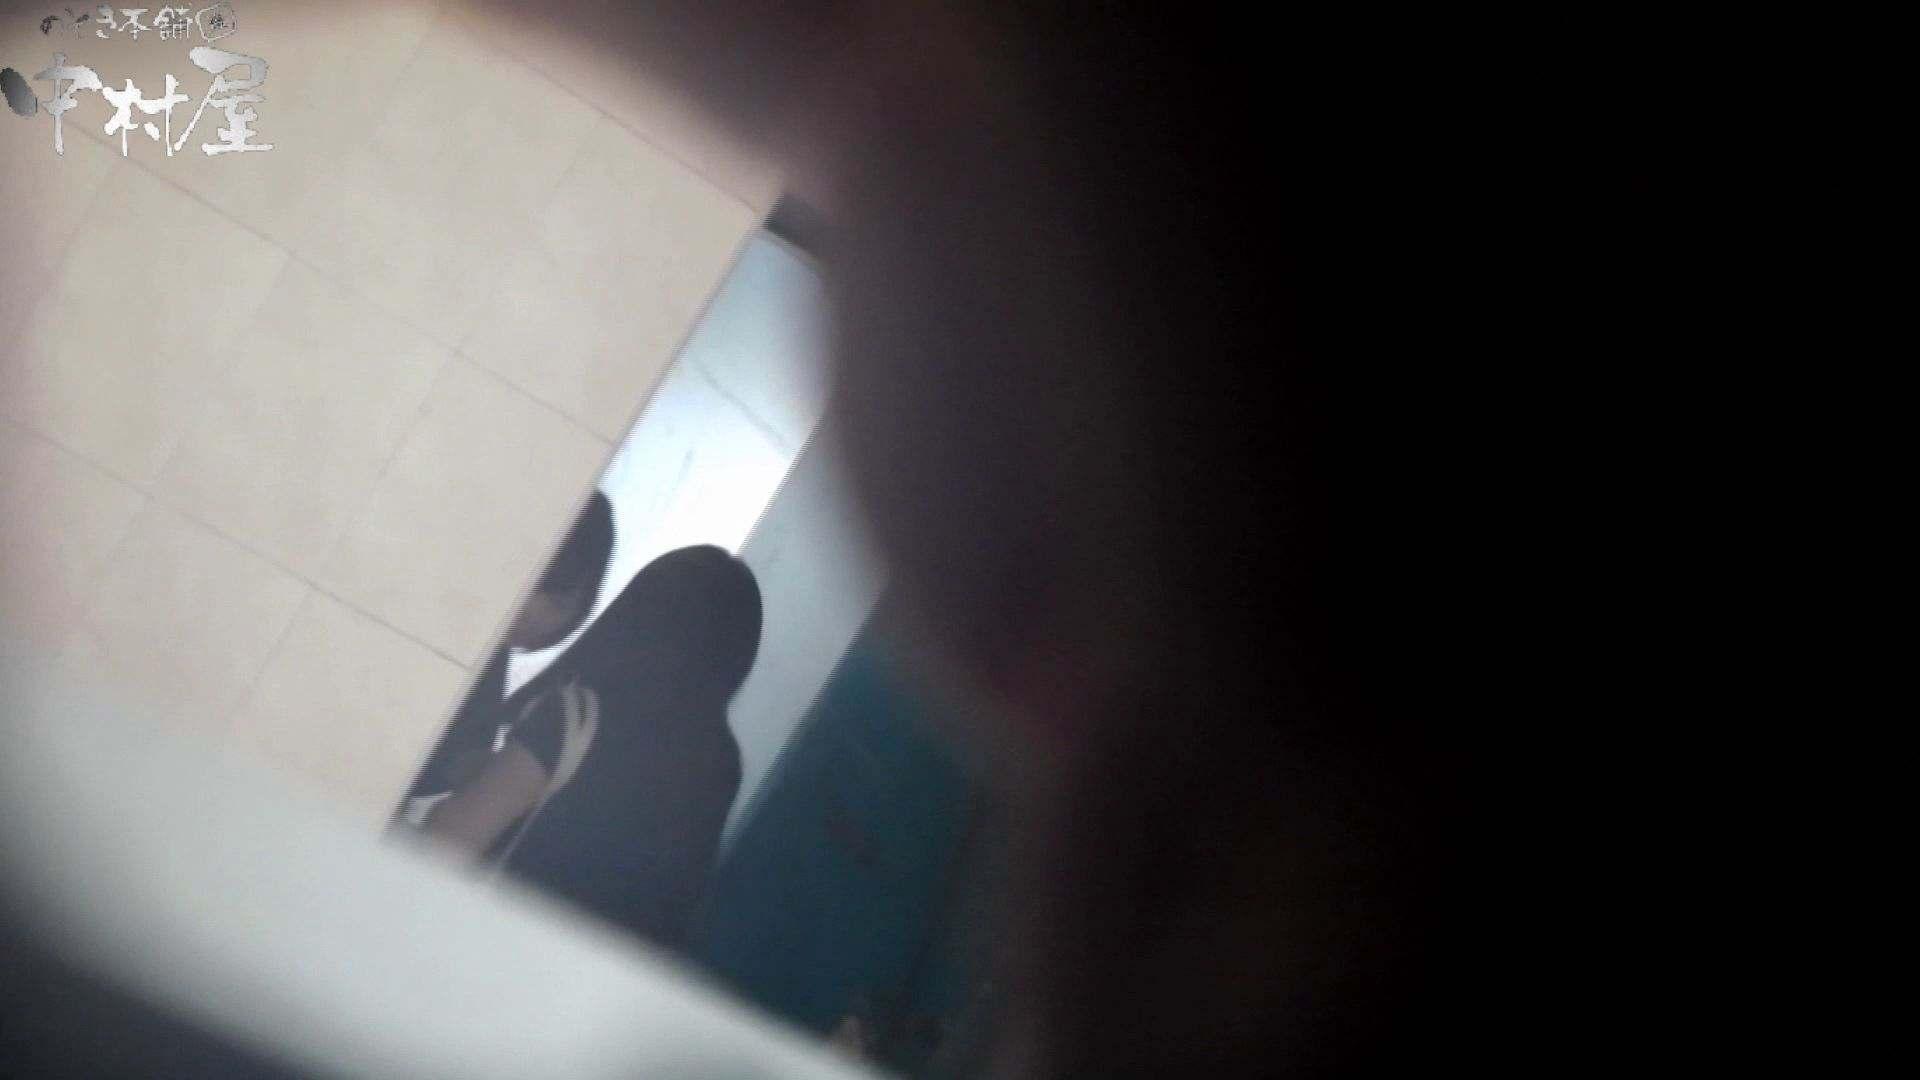 世界の射窓から~ステーション編vol.38 画質格段にUP! おまんこ見放題  94PIX 36